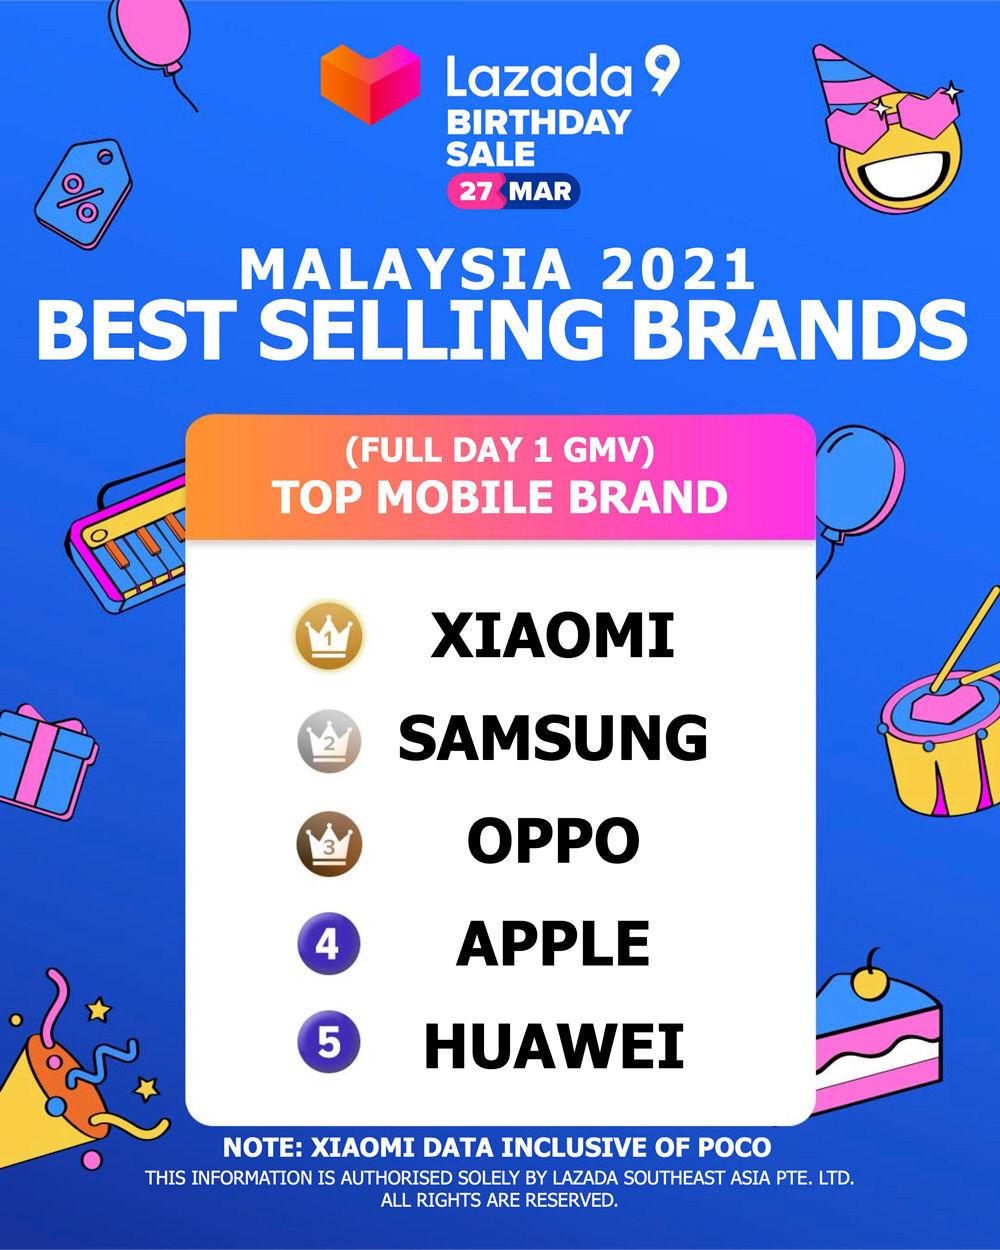 Xiaomi Malaysia Lazada Birthday Sale